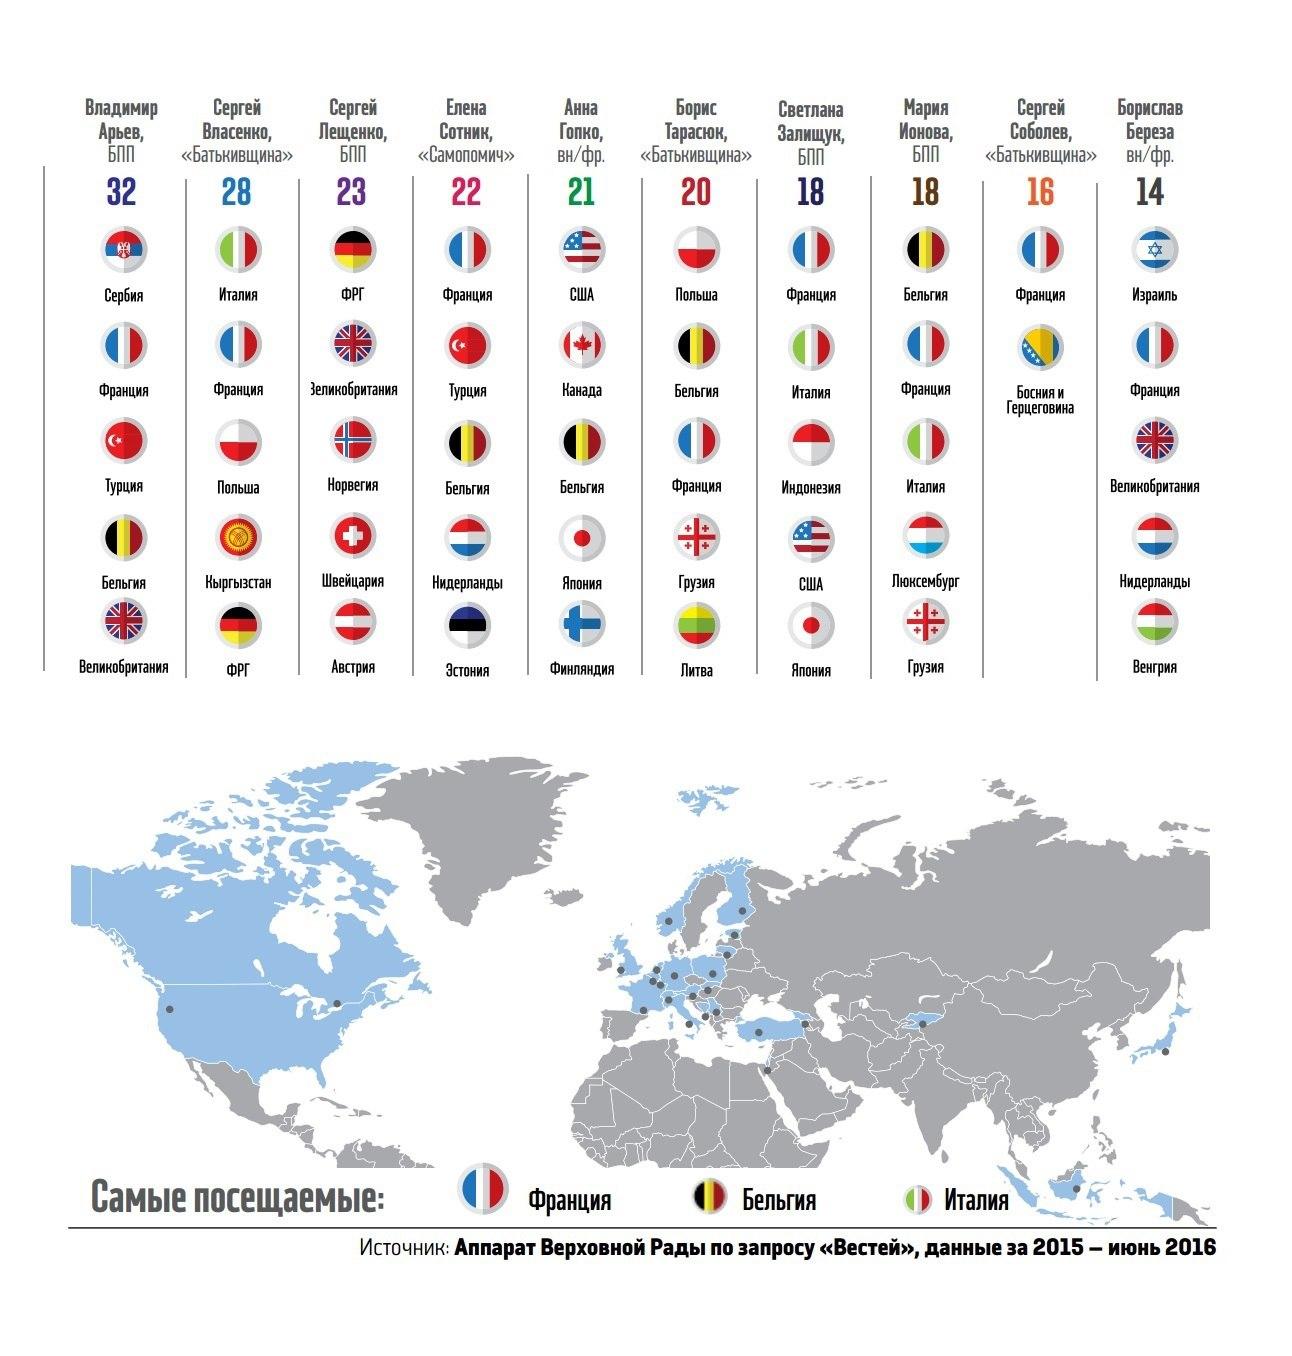 Инфографика, данные за 2015-2016 гг